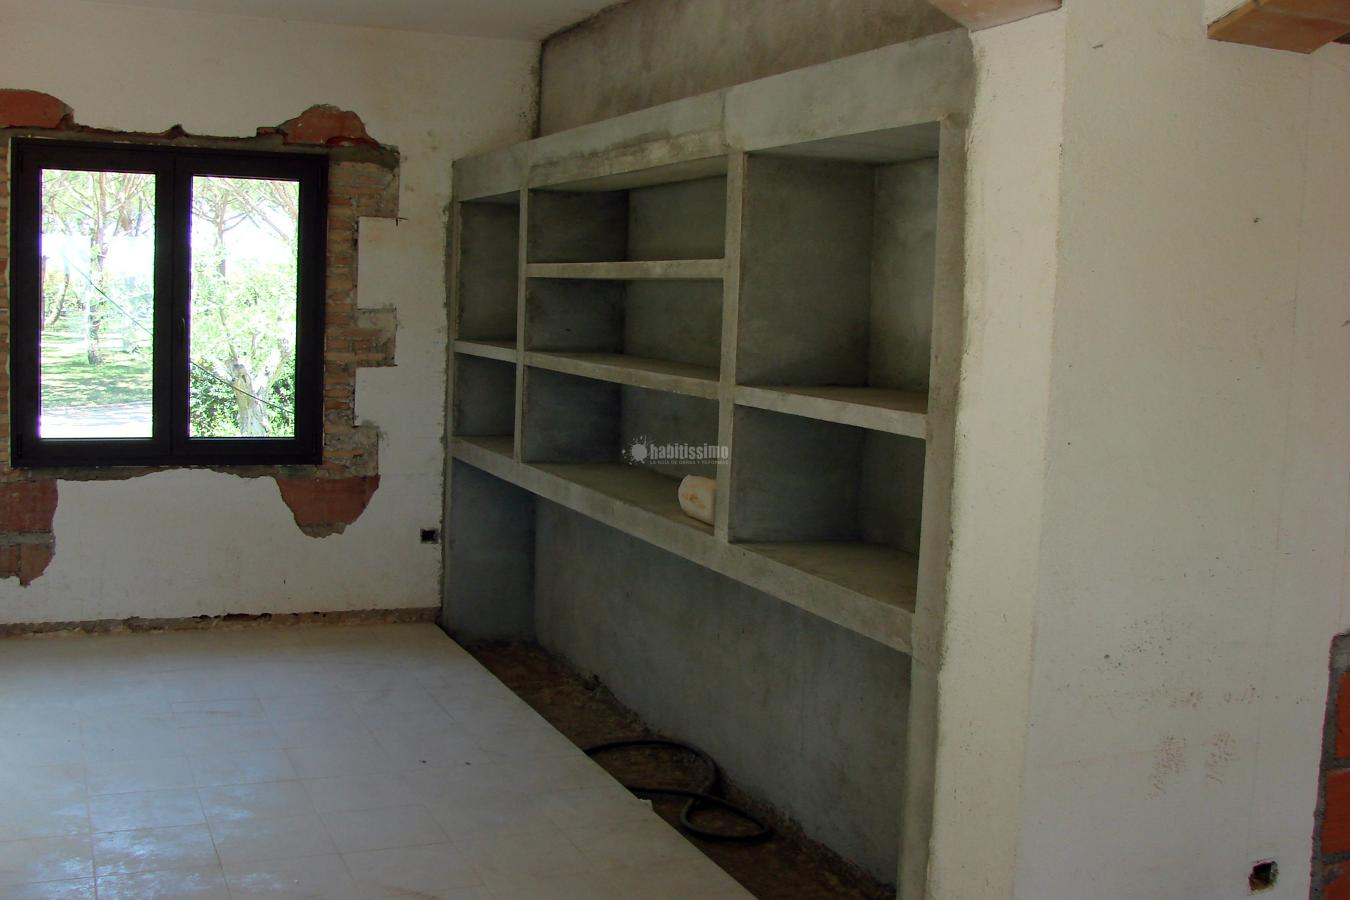 Cemento pulido a casa a l 39 empord ideas alba iles for Cemento pulido precio